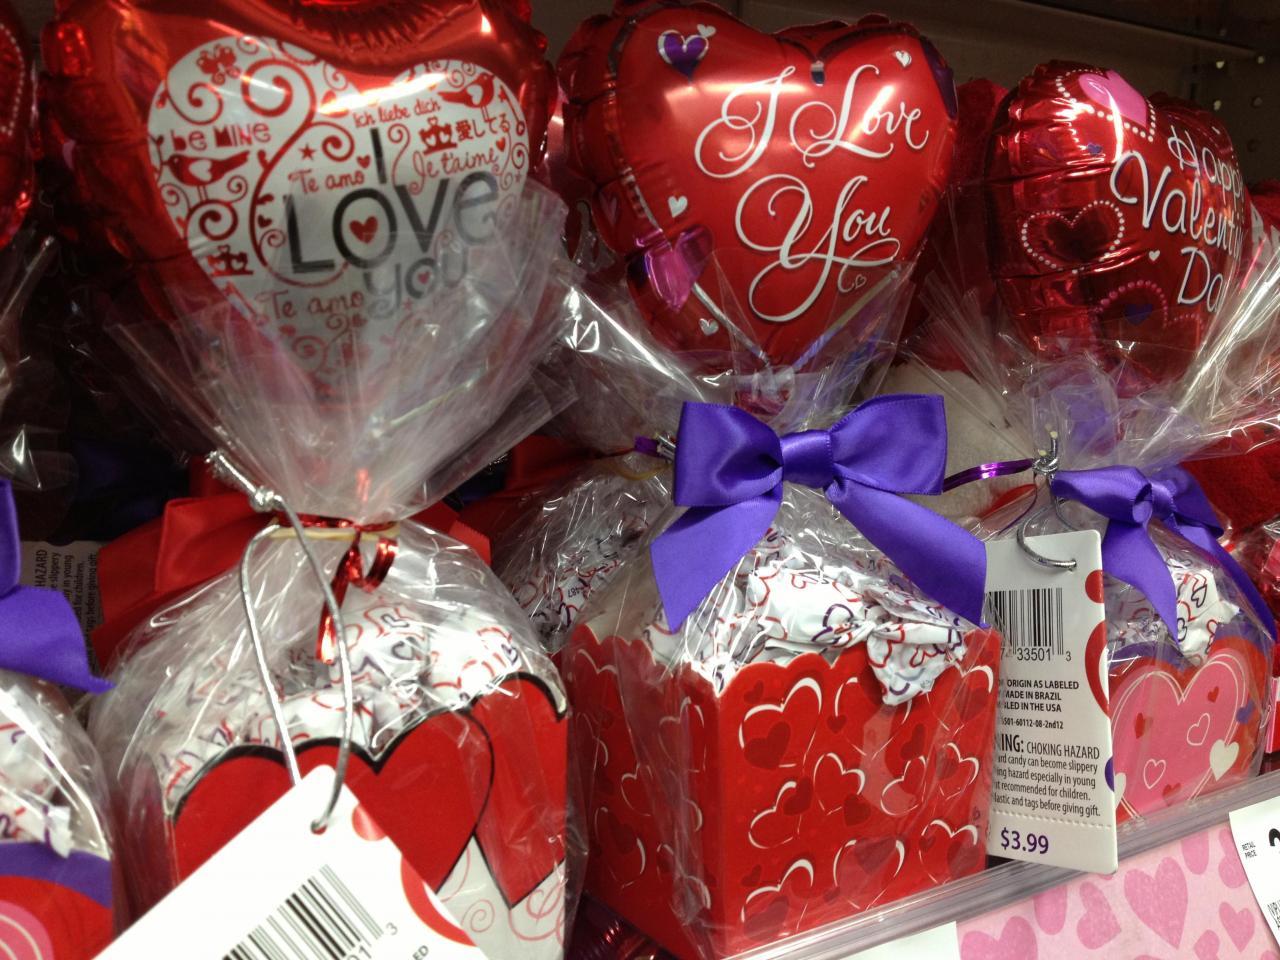 مستهلك ستيفنسون قطرة هدية عيد الزواج لزوجتي 537718 Org